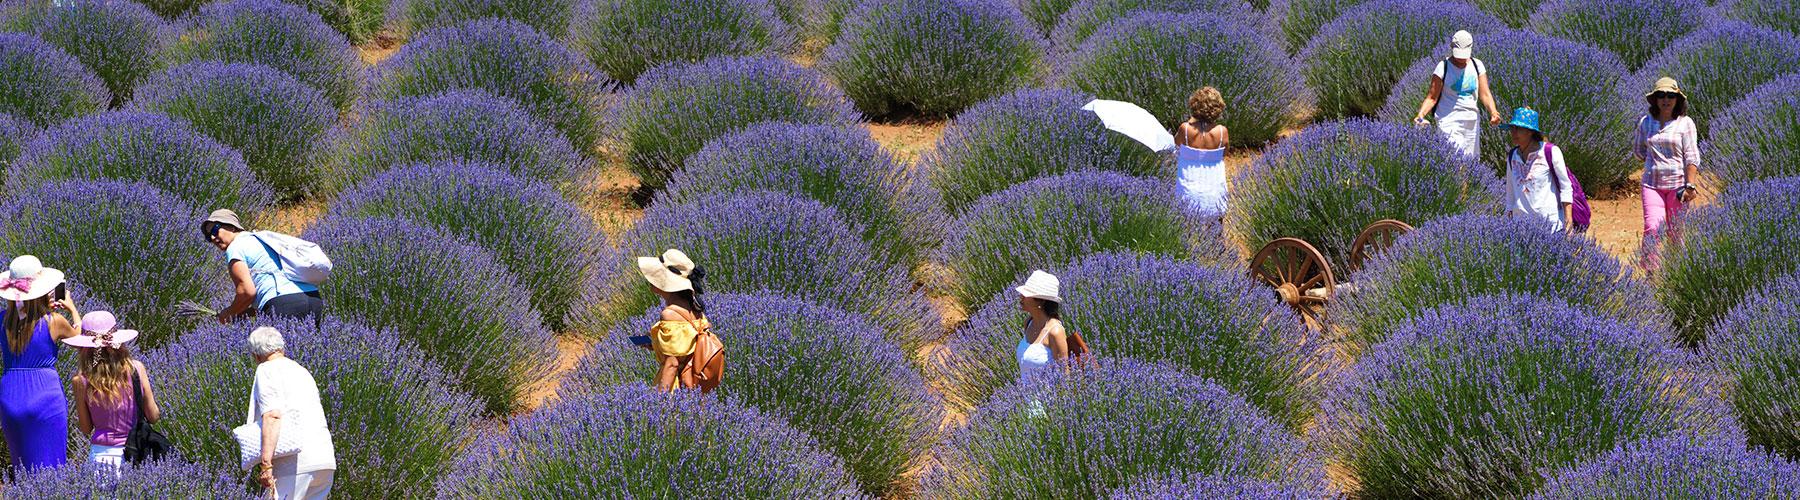 Lavender Kuyucak Turkey in July